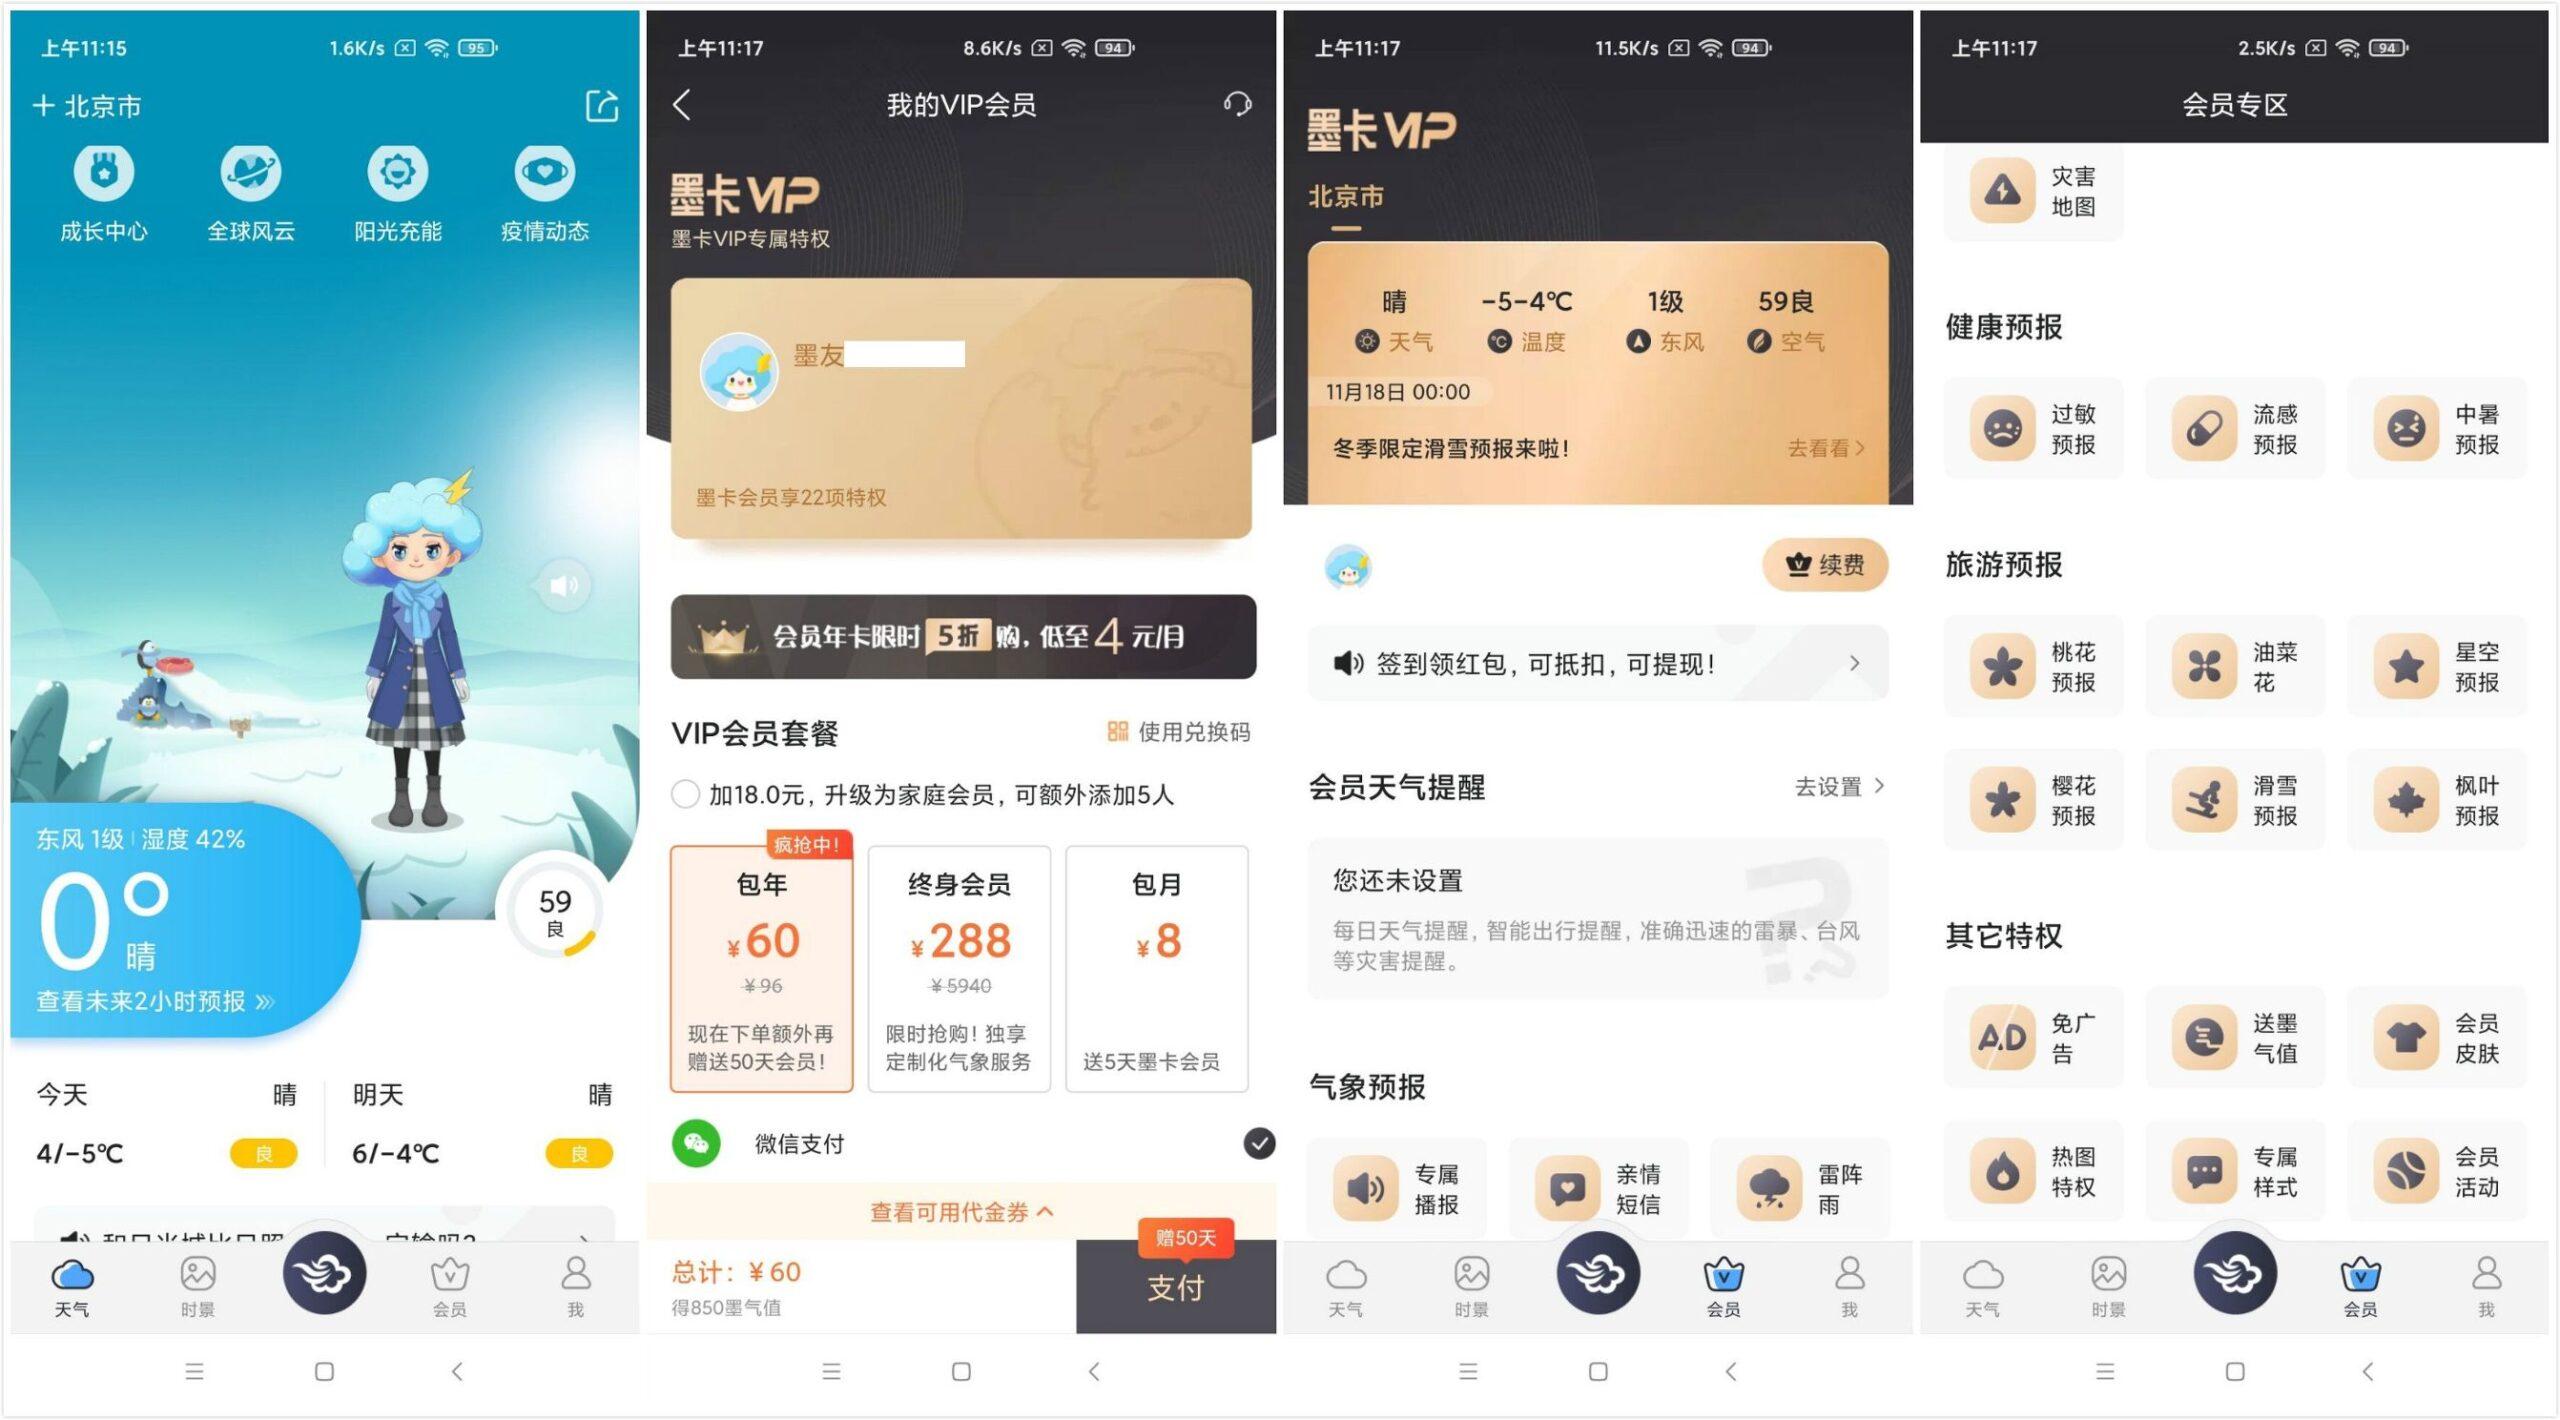 Android 墨迹天气 v9.0106.02 会员破解版-好软库